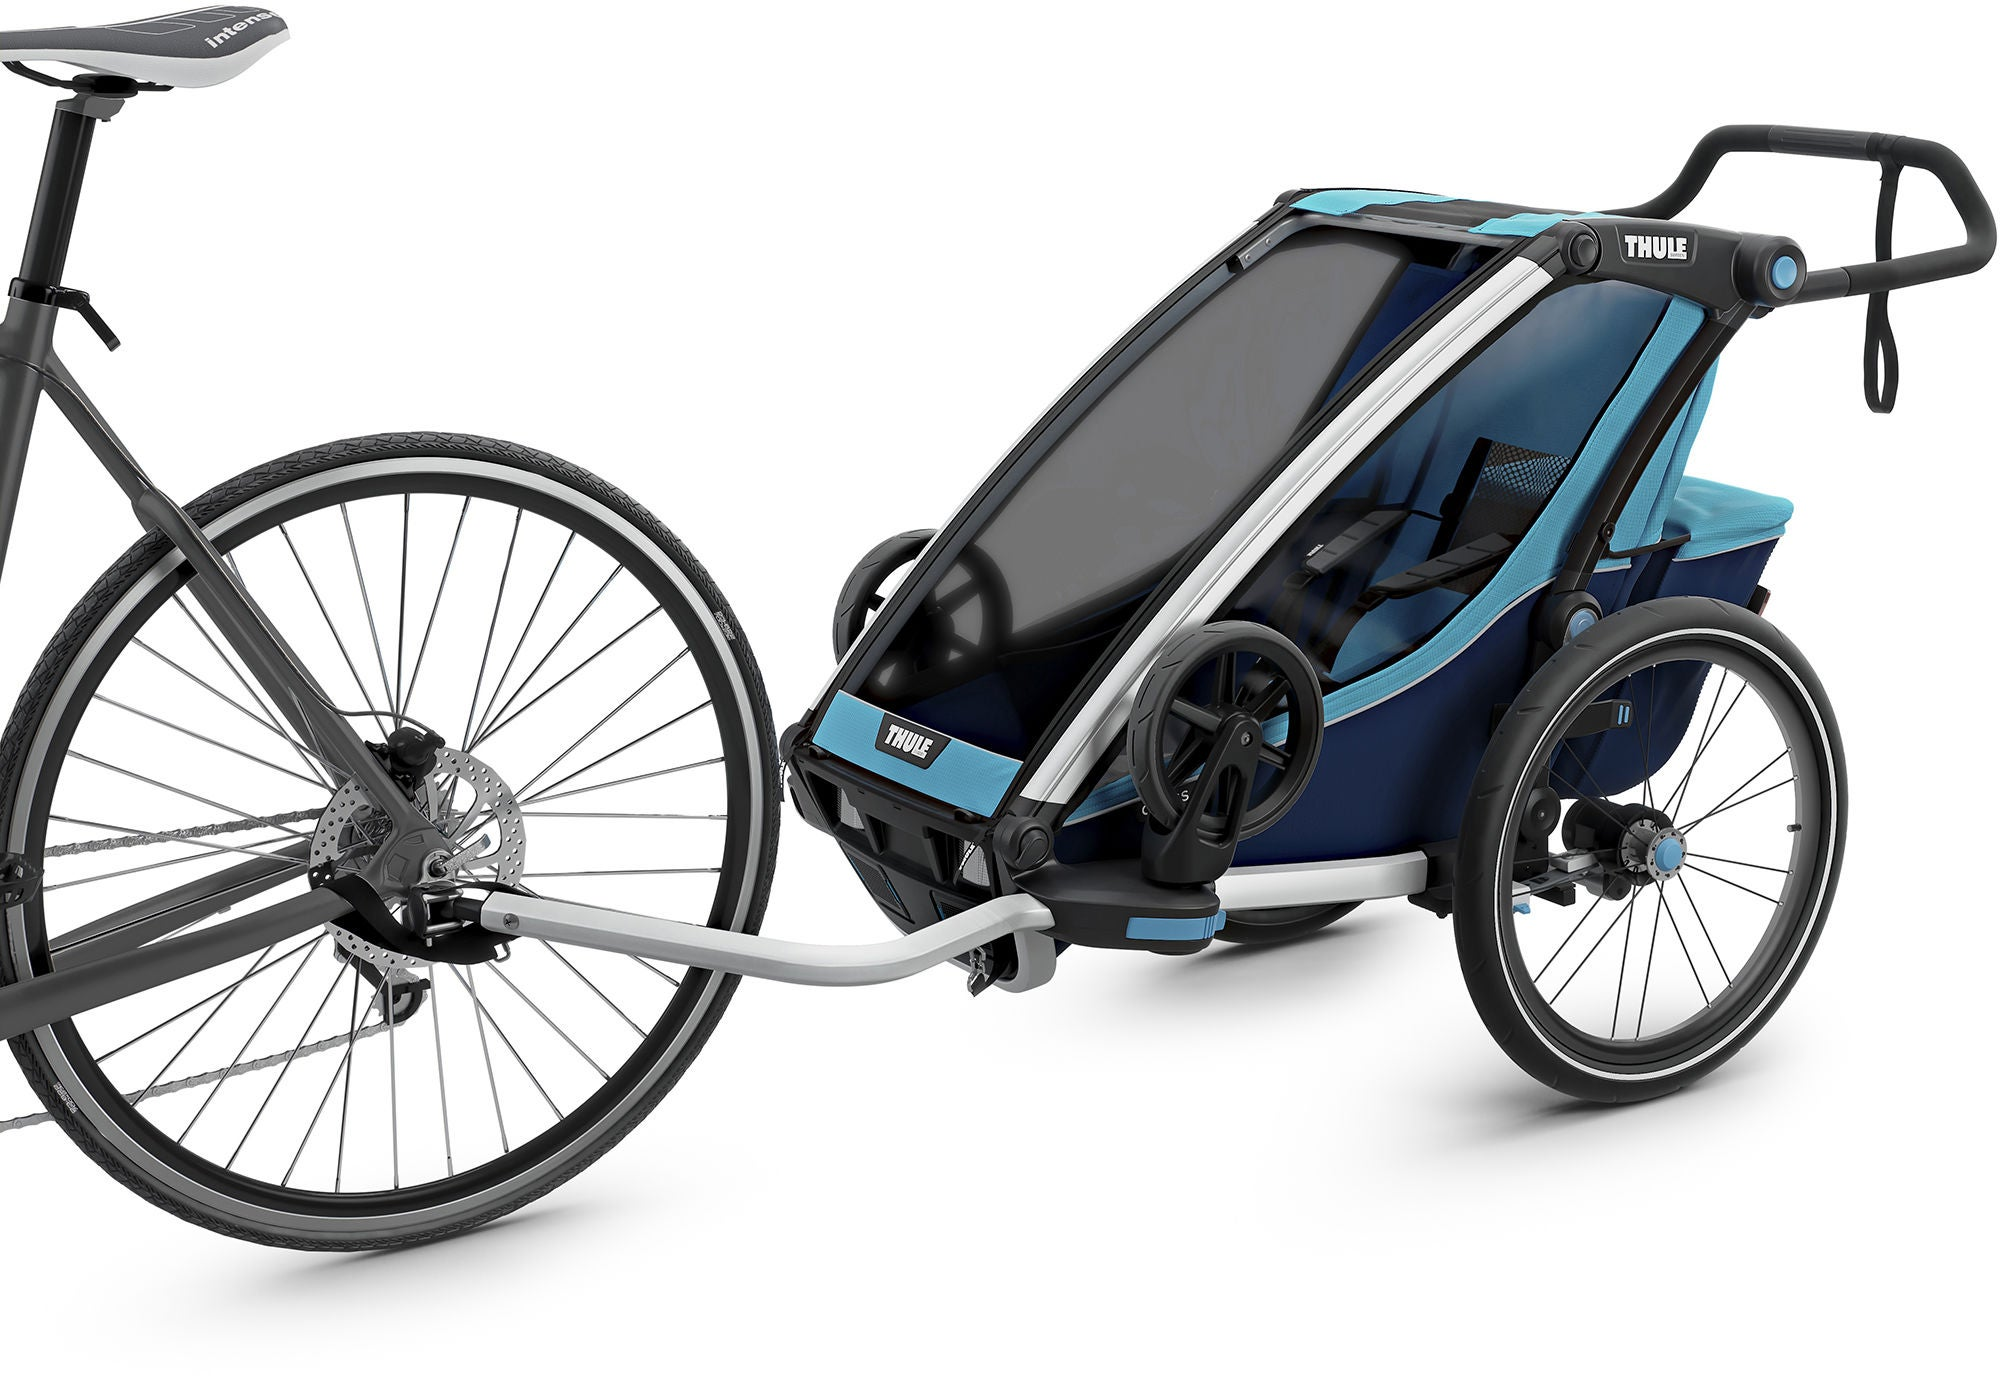 Thule Chariot Cross 1 Cykelvagn, Blue / Poseidon